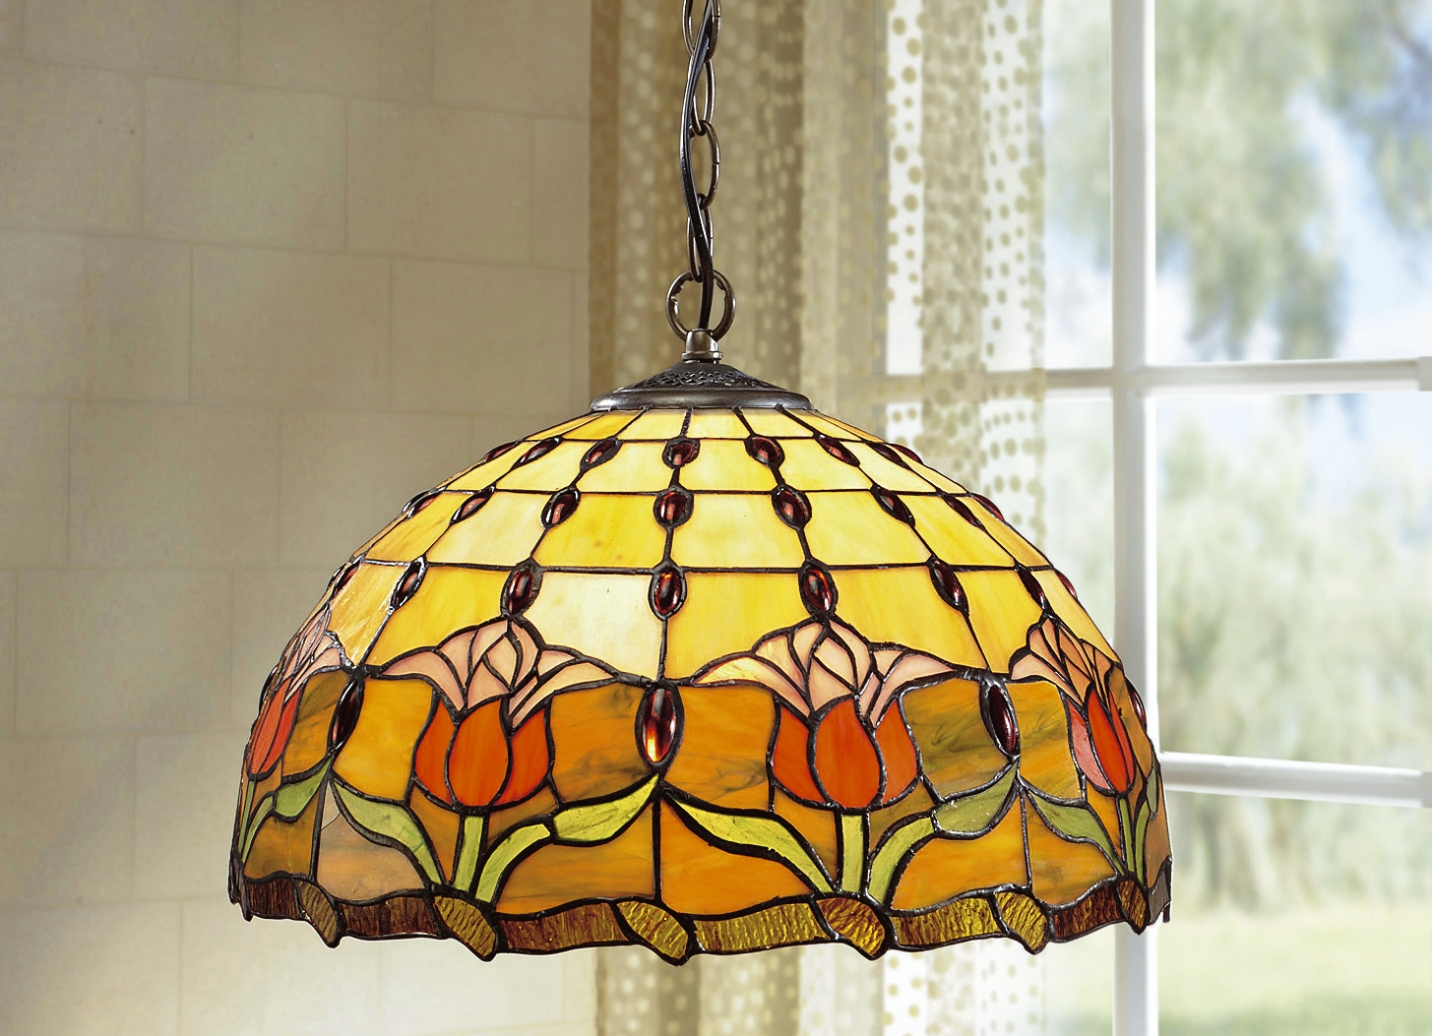 tiffany pendelleuchte 1 flammig lampen leuchten bader. Black Bedroom Furniture Sets. Home Design Ideas